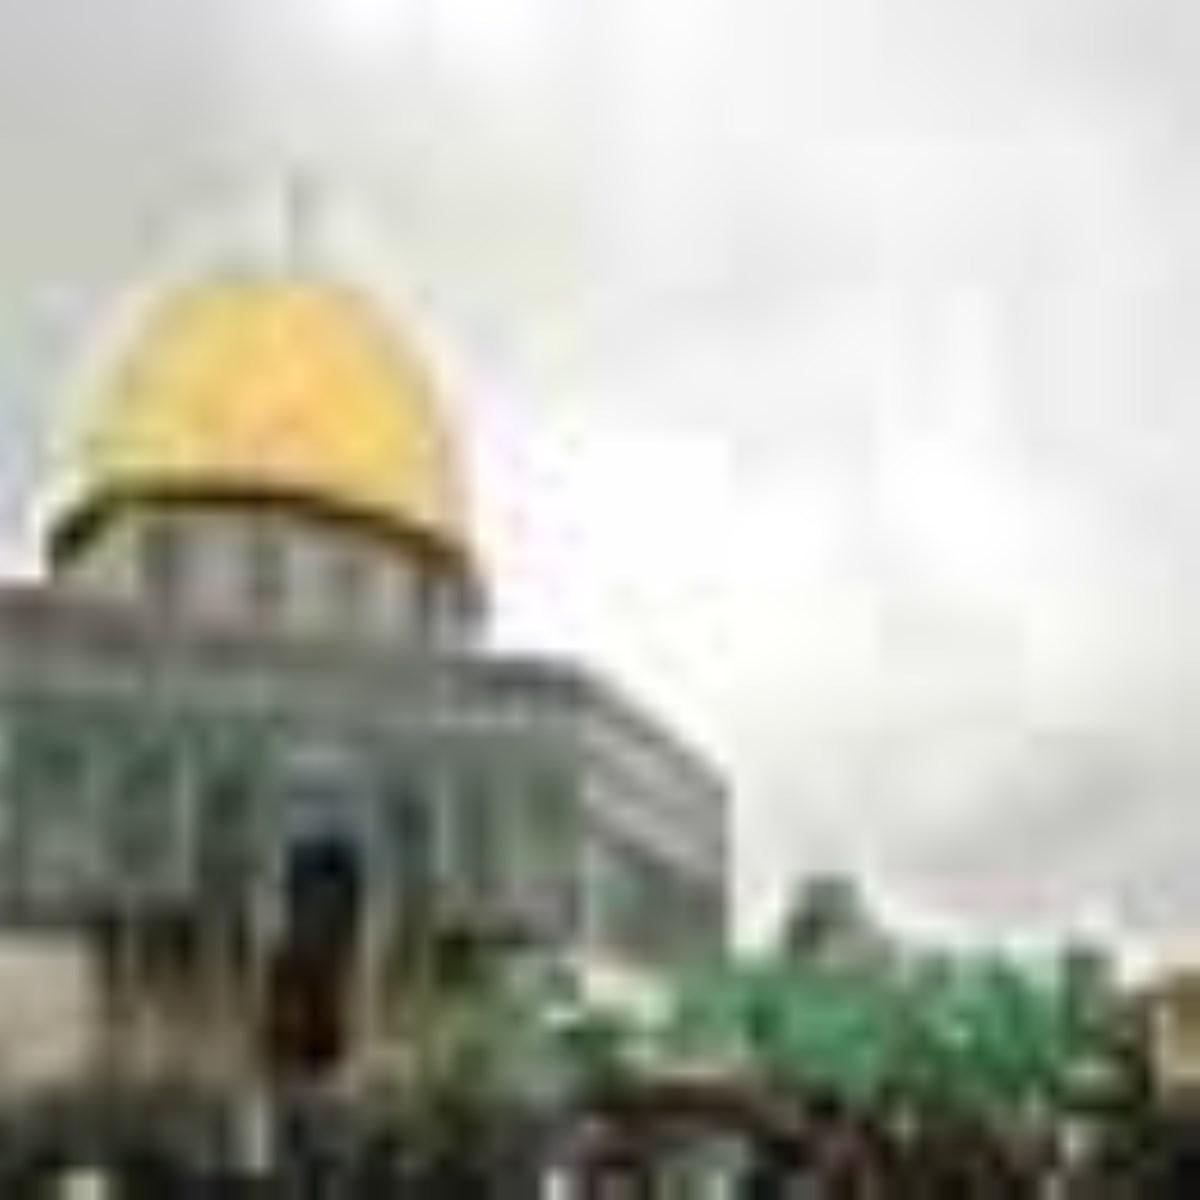 باز خواني ديپلماسي تحقير آمريکا در مقابل فلسطينيان